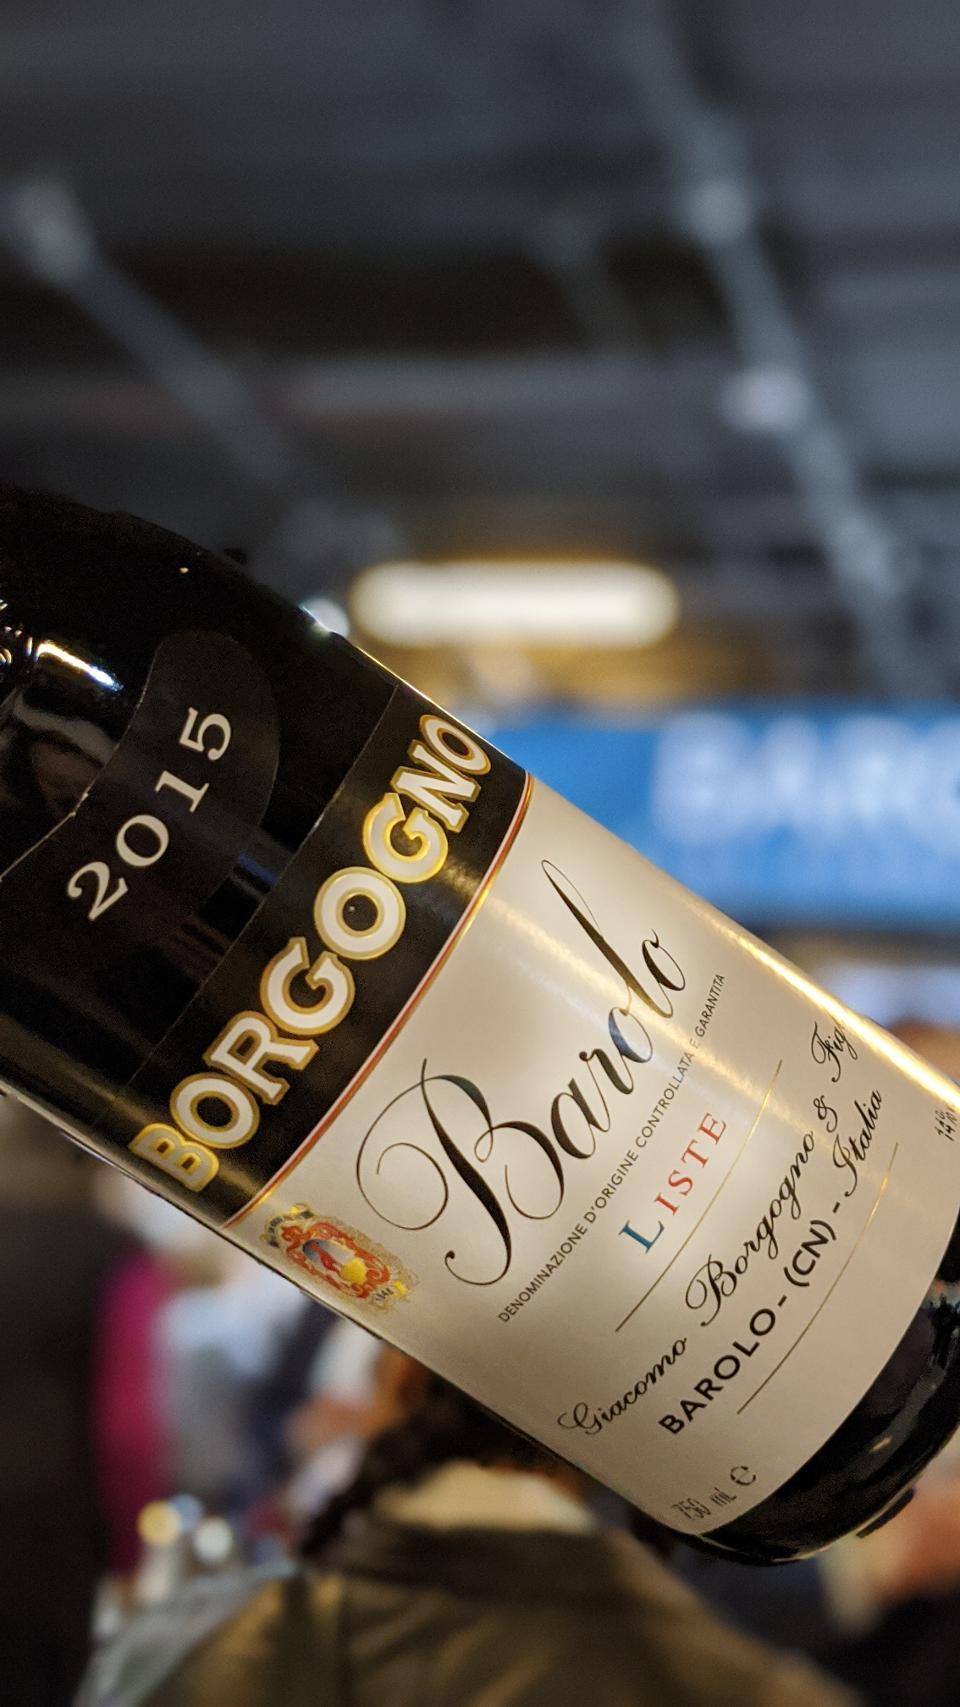 2015 Borgogno Barolo Single Vineyard ″Liste″